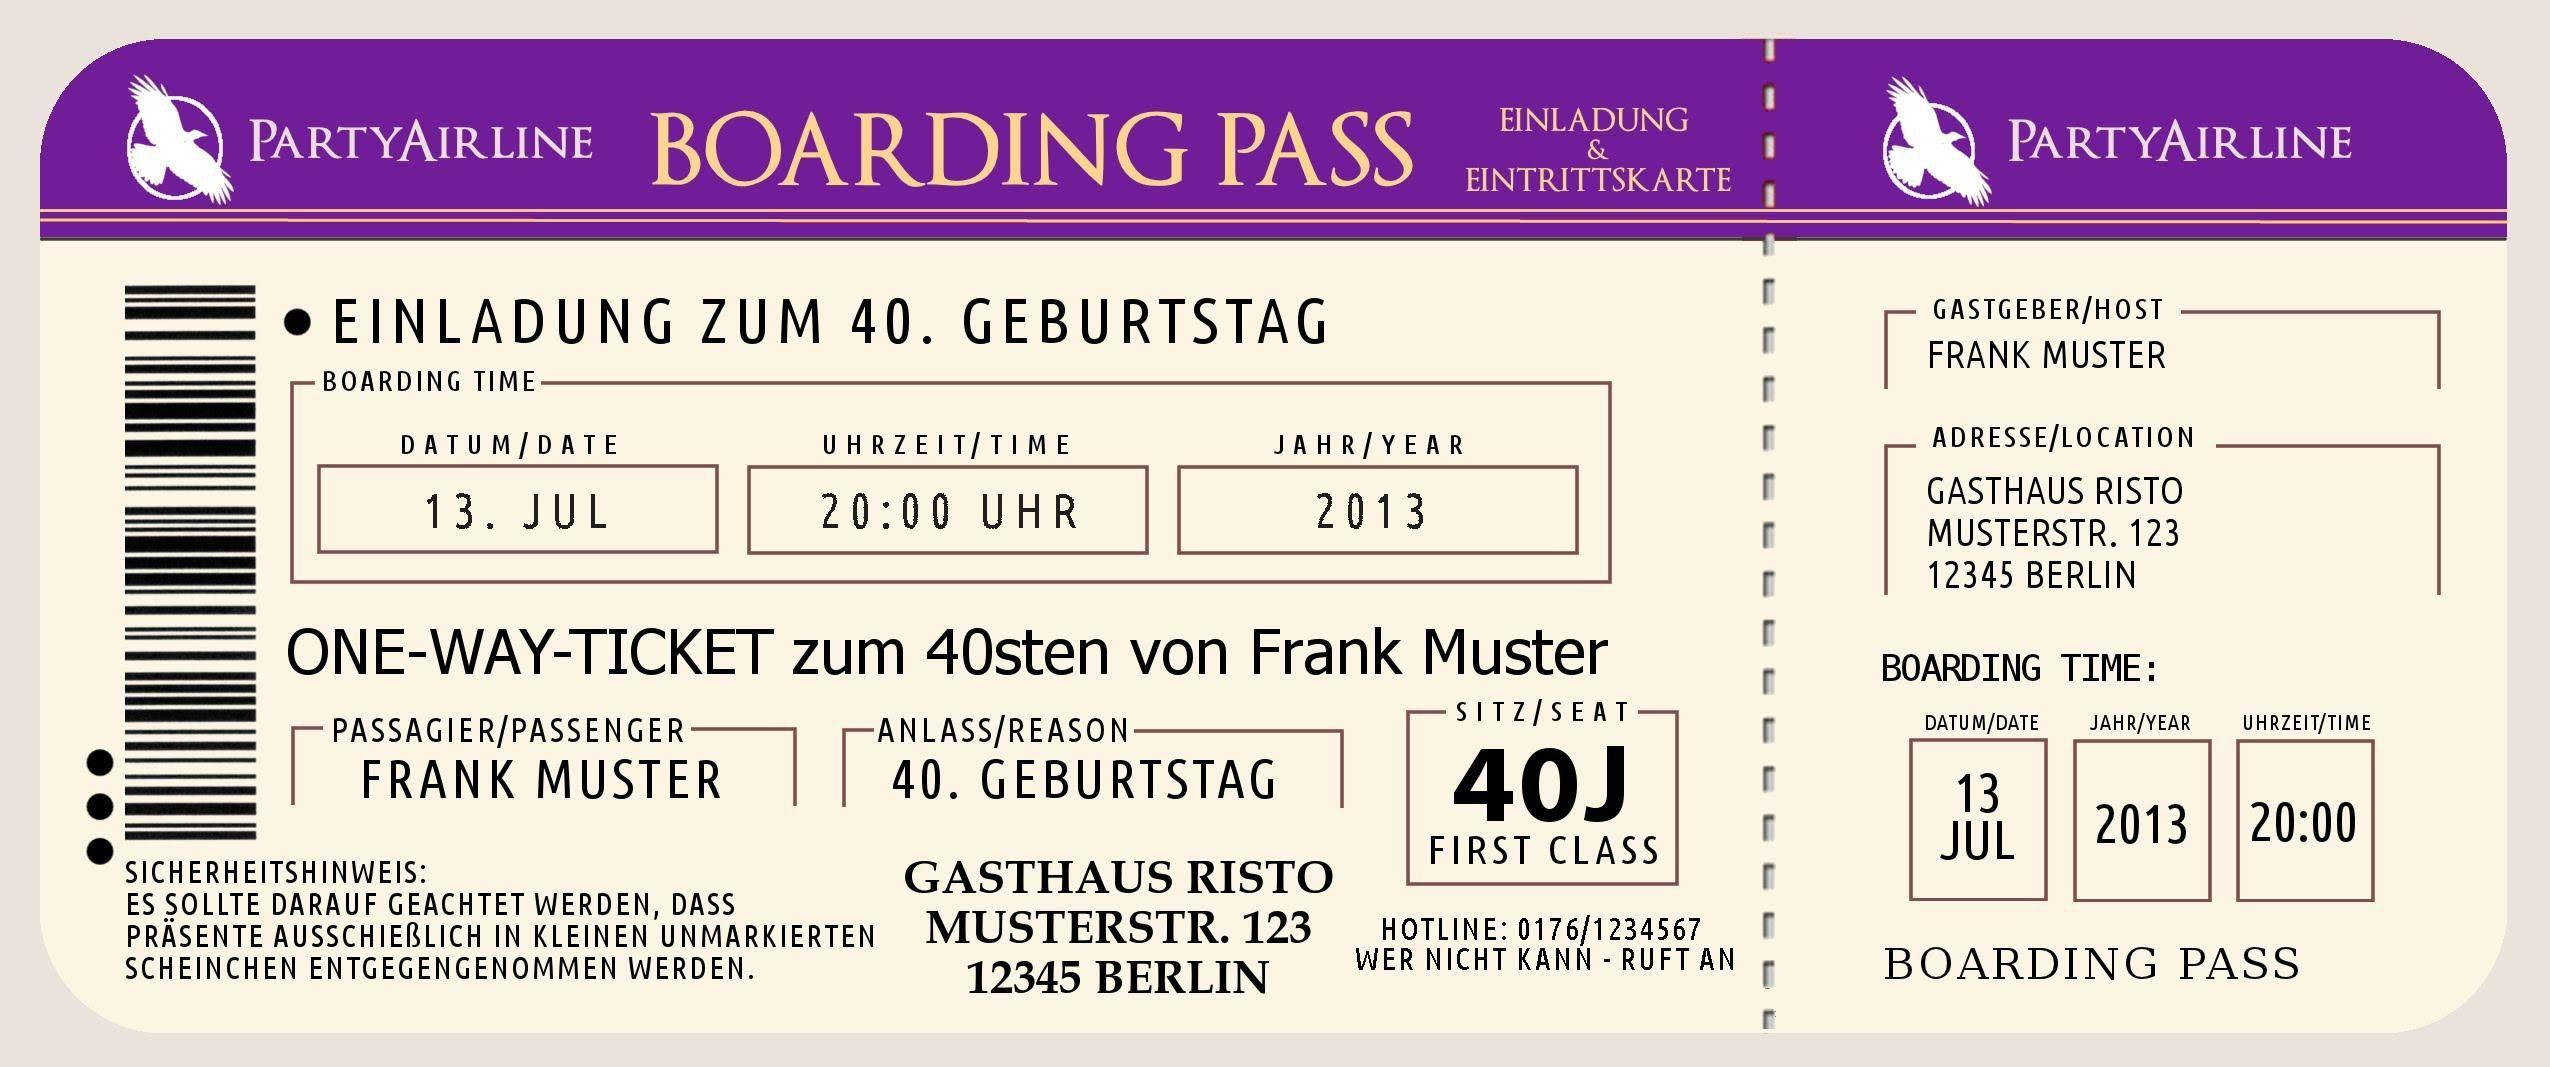 einladungskarten selber gestalten : einladungskarten selber, Einladungsentwurf